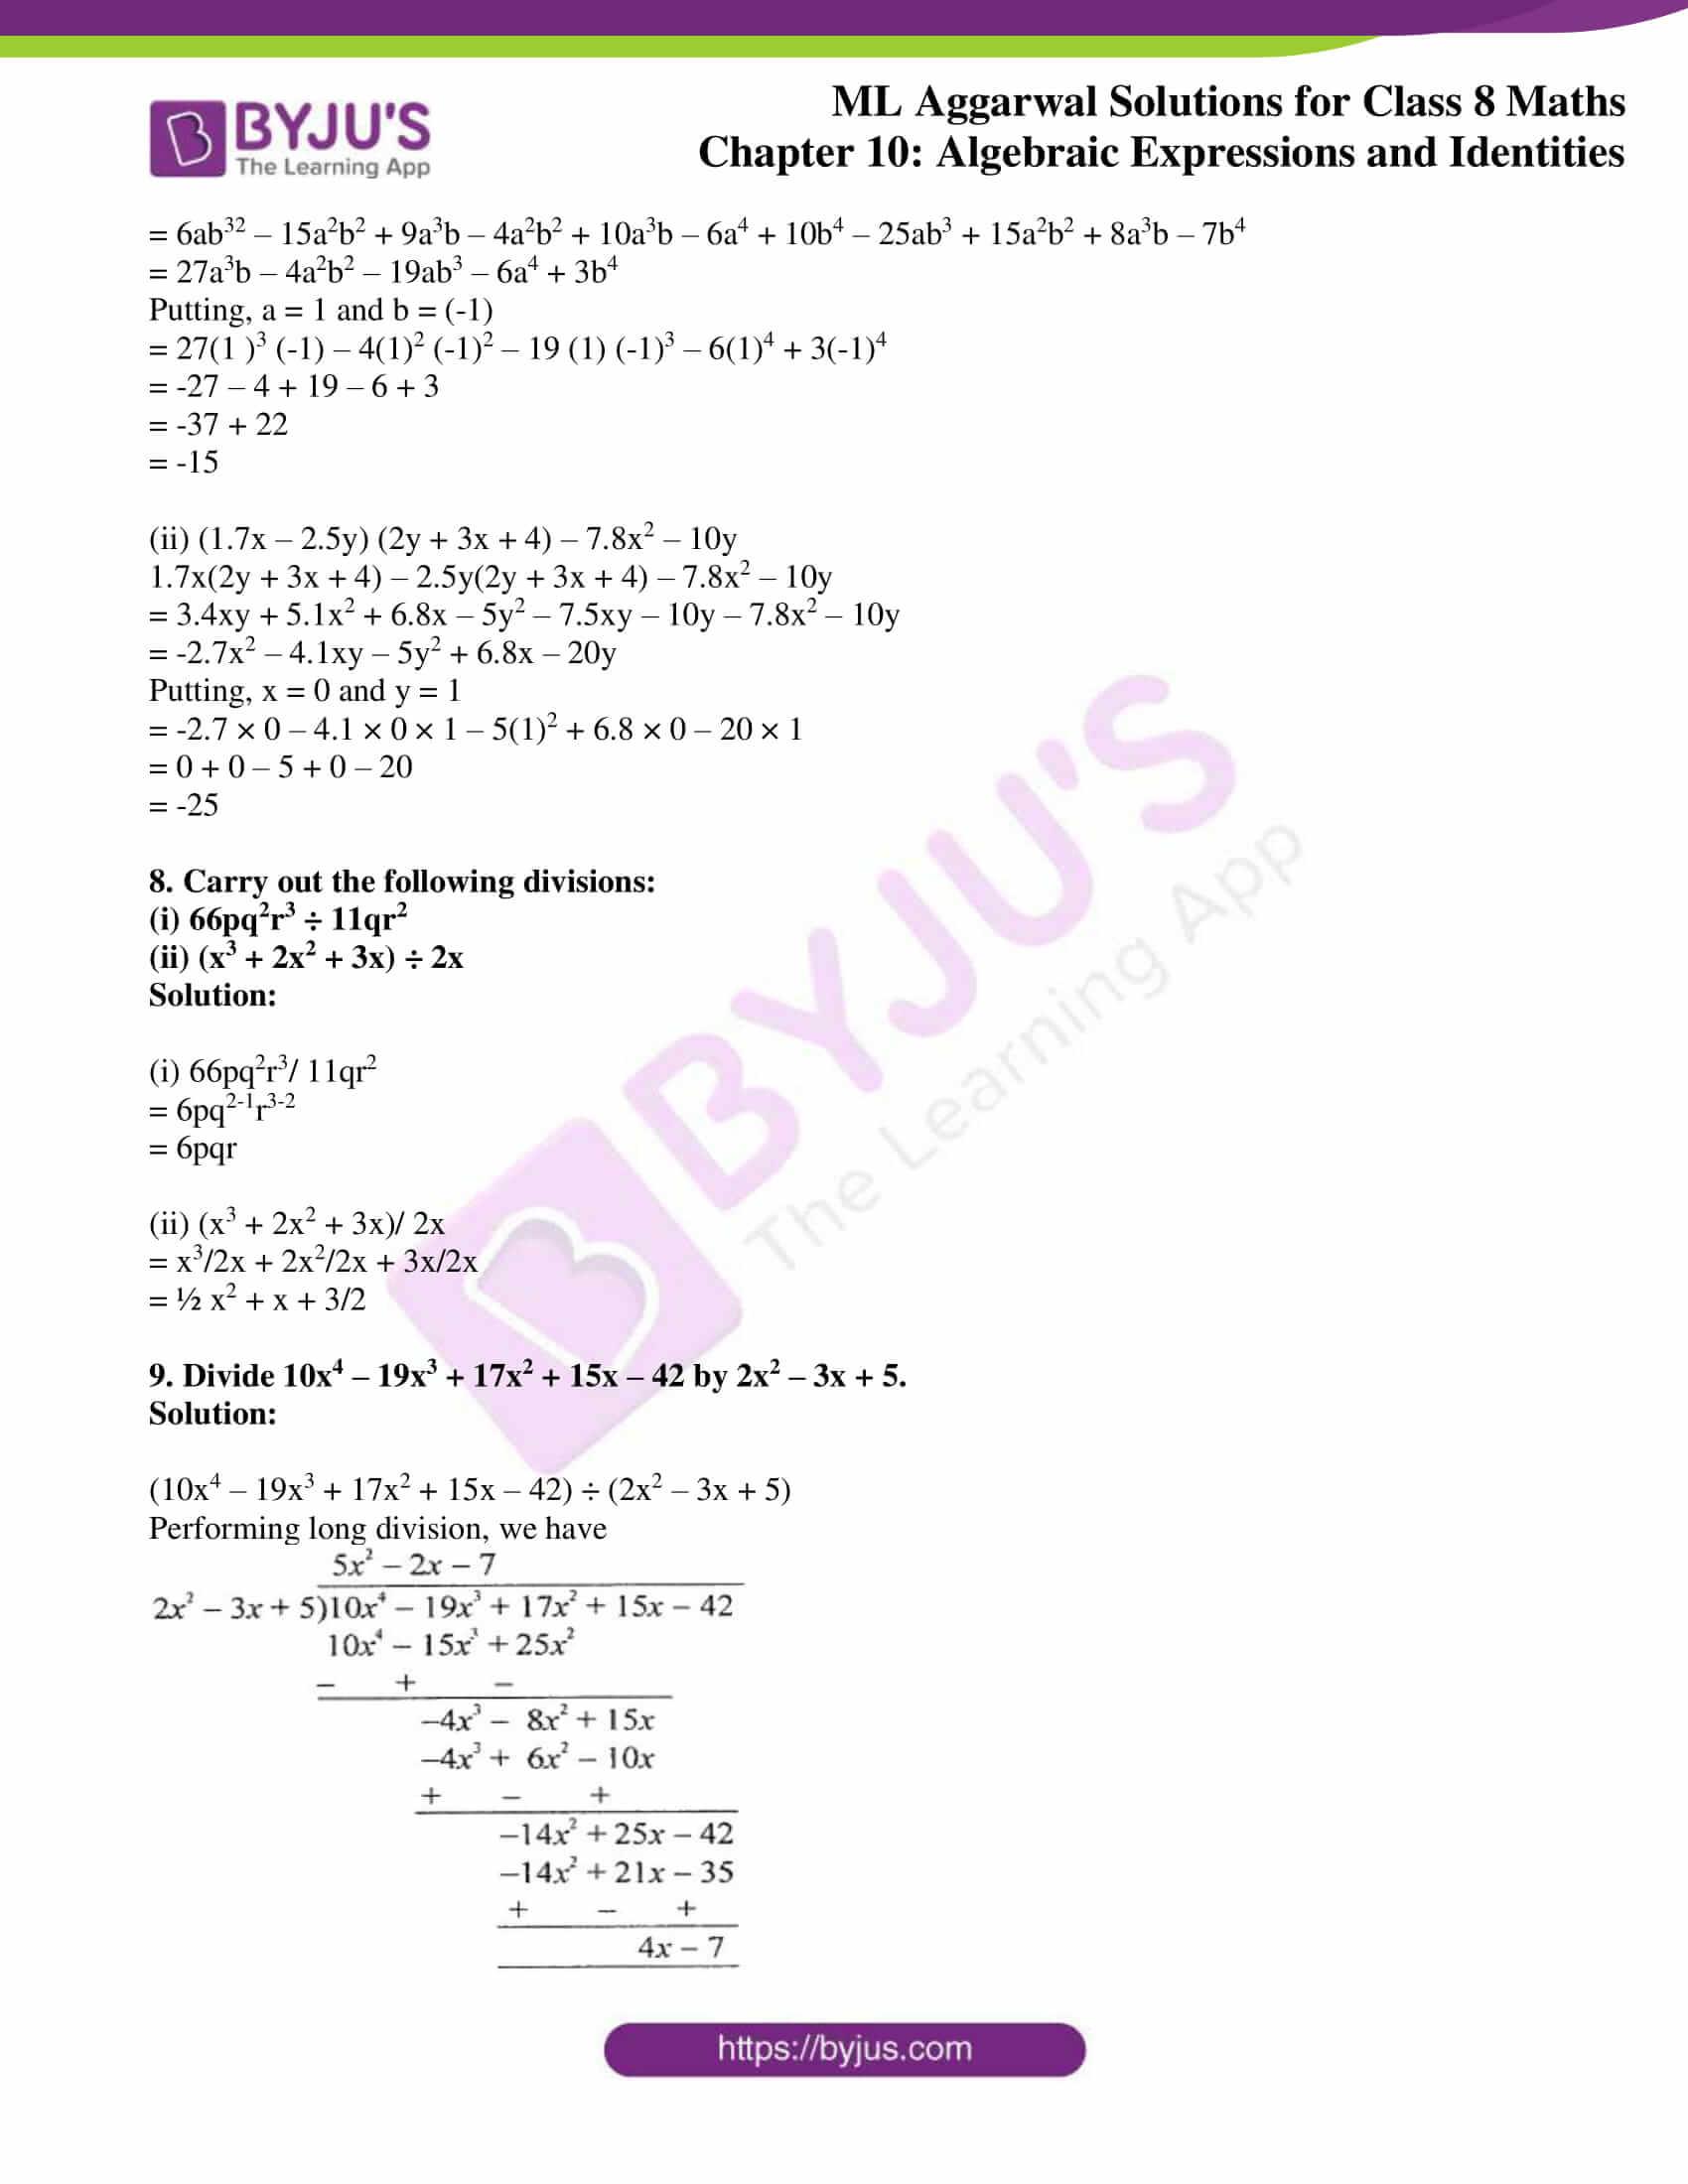 ml aggarwal sol mathematics class 8 ch 10 28